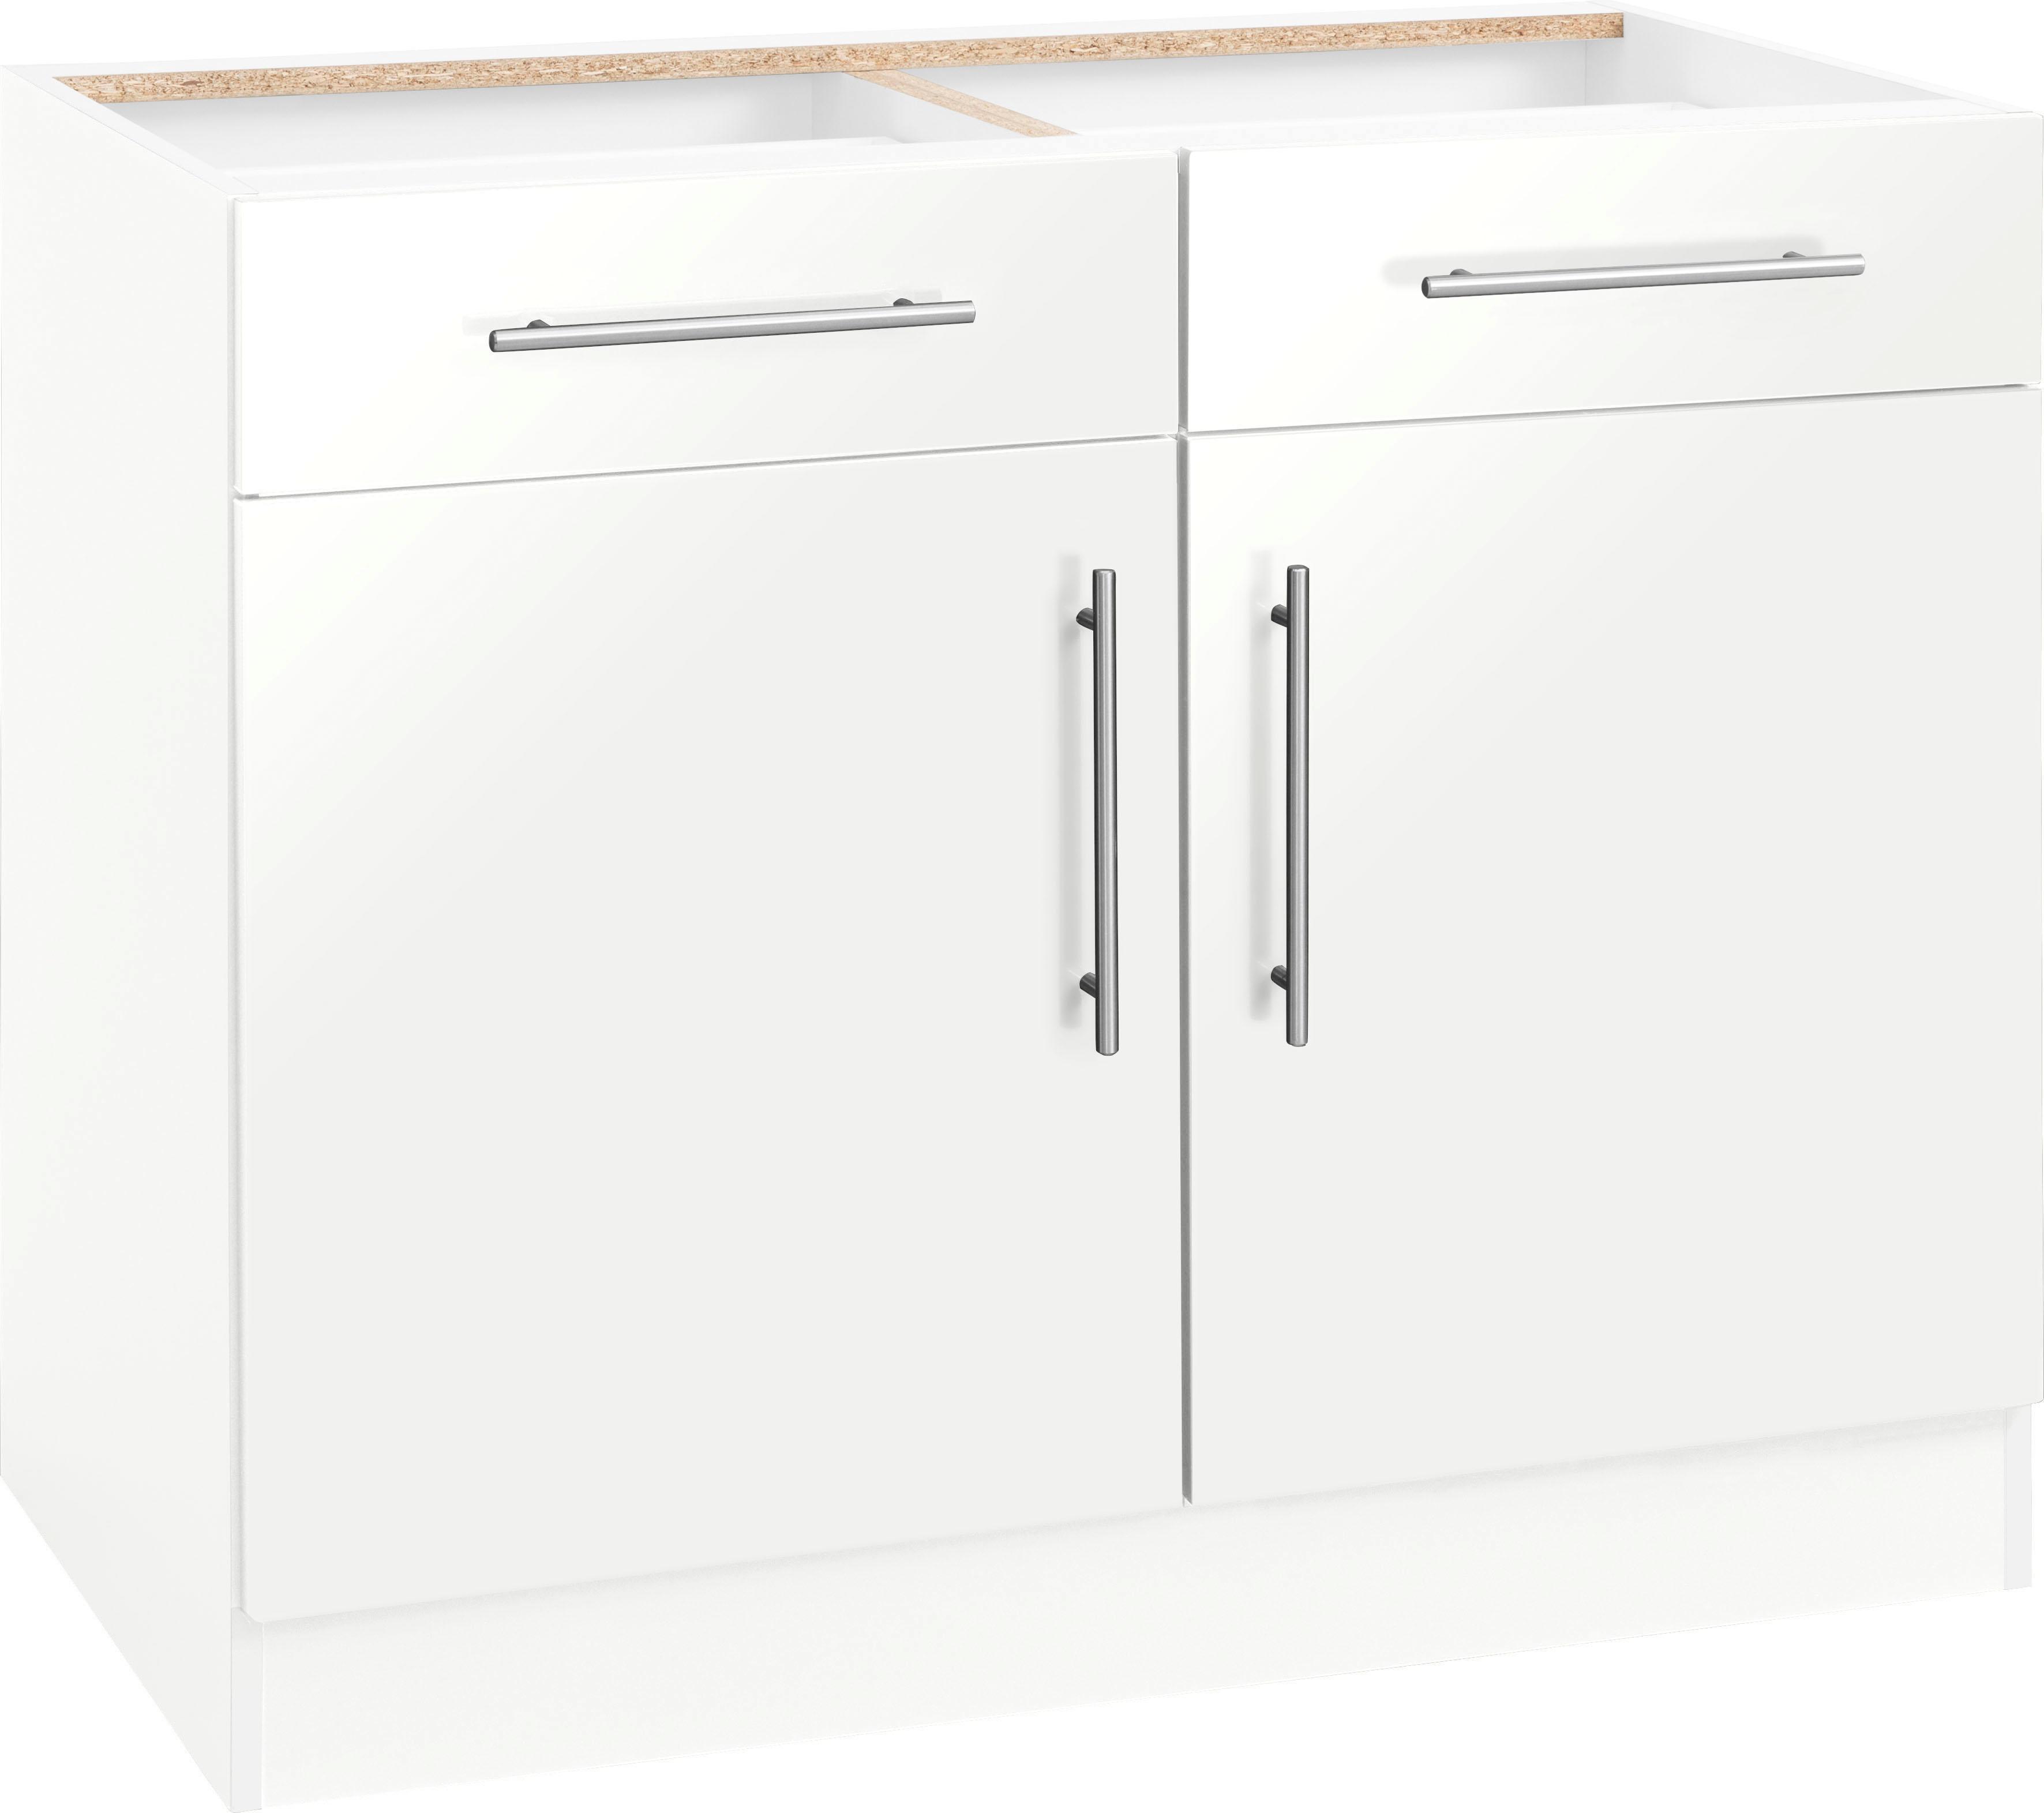 WIHO Küchen Unterschrank »Cali«, Breite 100 cm kaufen | BAUR